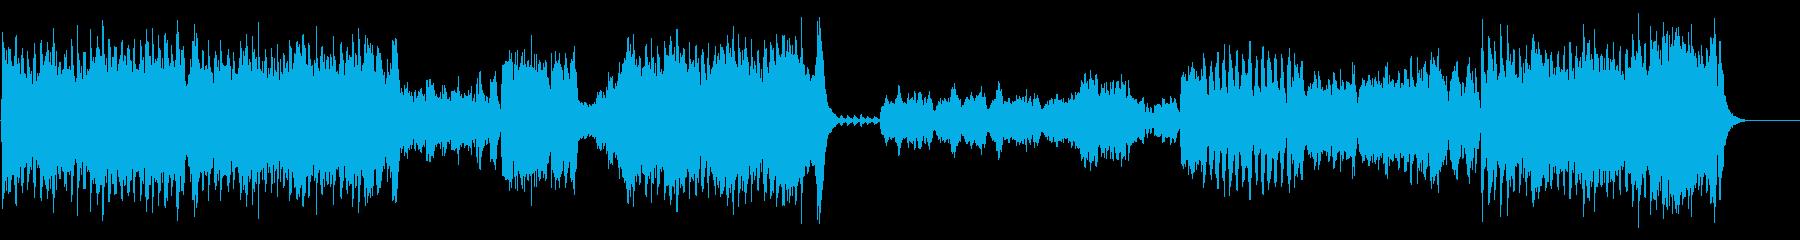 『カルメン』序曲 オーケストラの再生済みの波形